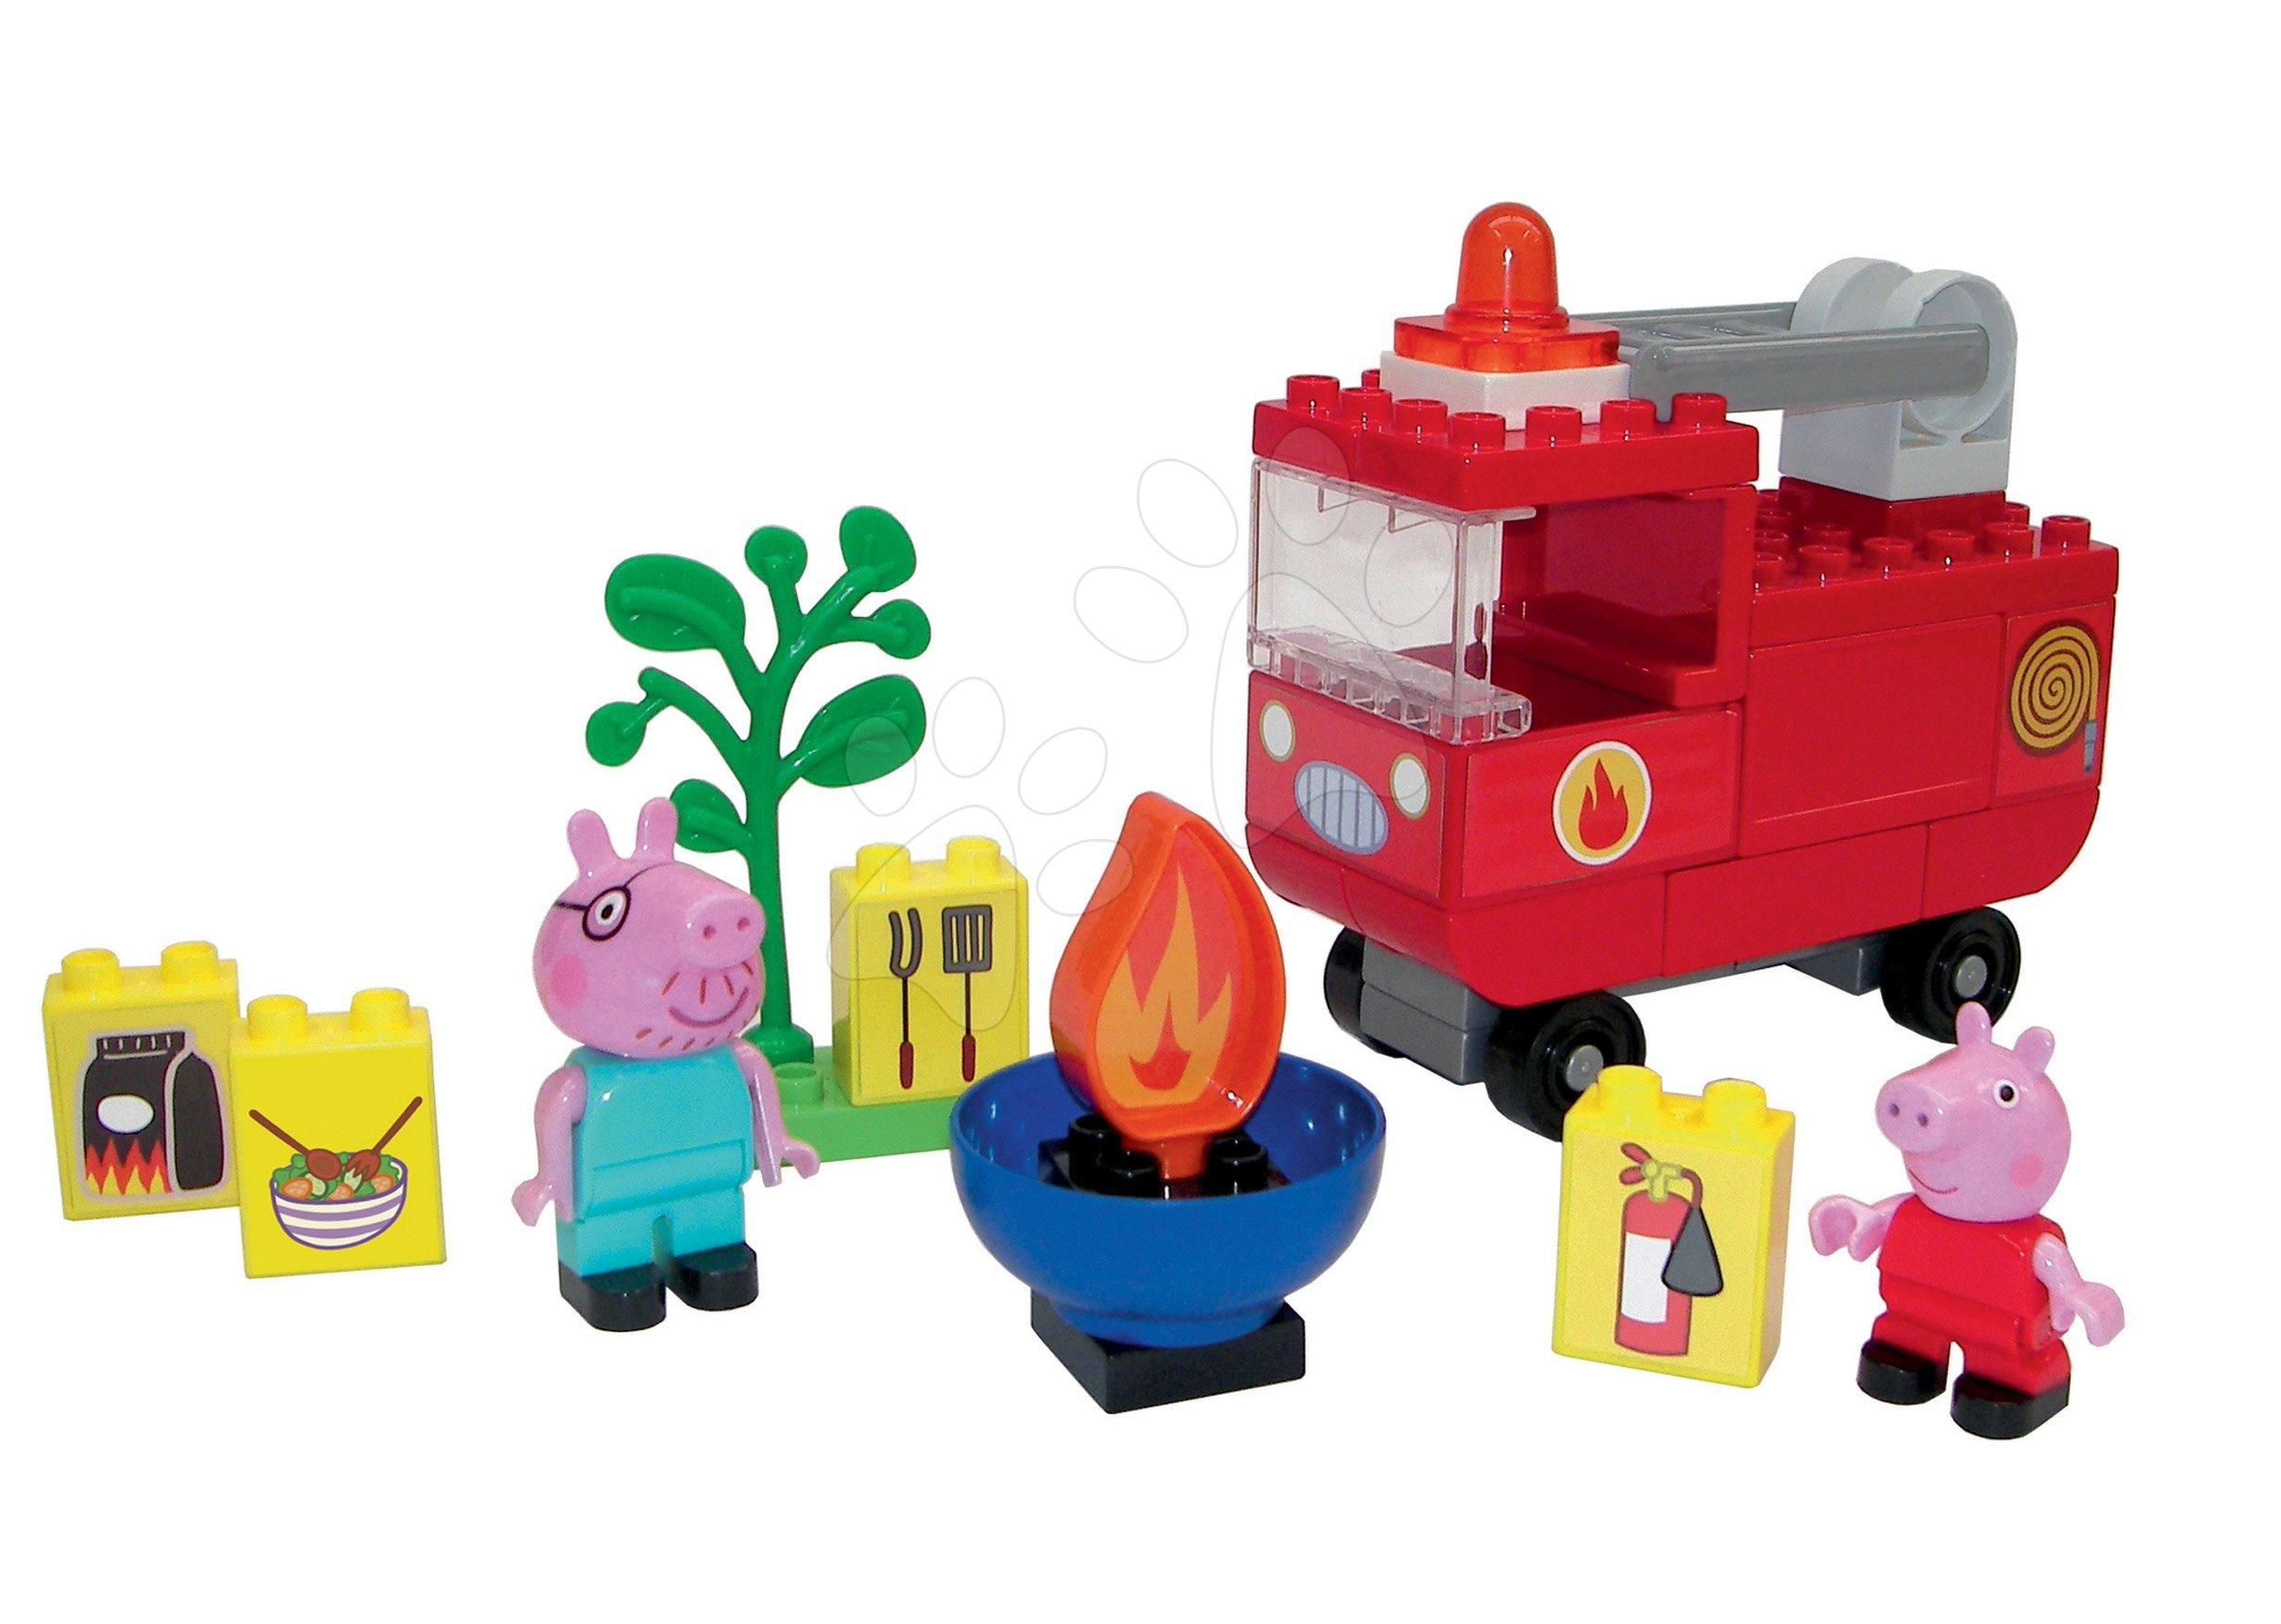 Építőjátékok BIG-Bloxx mint lego - Építőjáték Peppa Pig Fire Engine PlayBIG Bloxx BIG Tűzoltókocsi  2 figurával 40 darabos 18 hó-tól